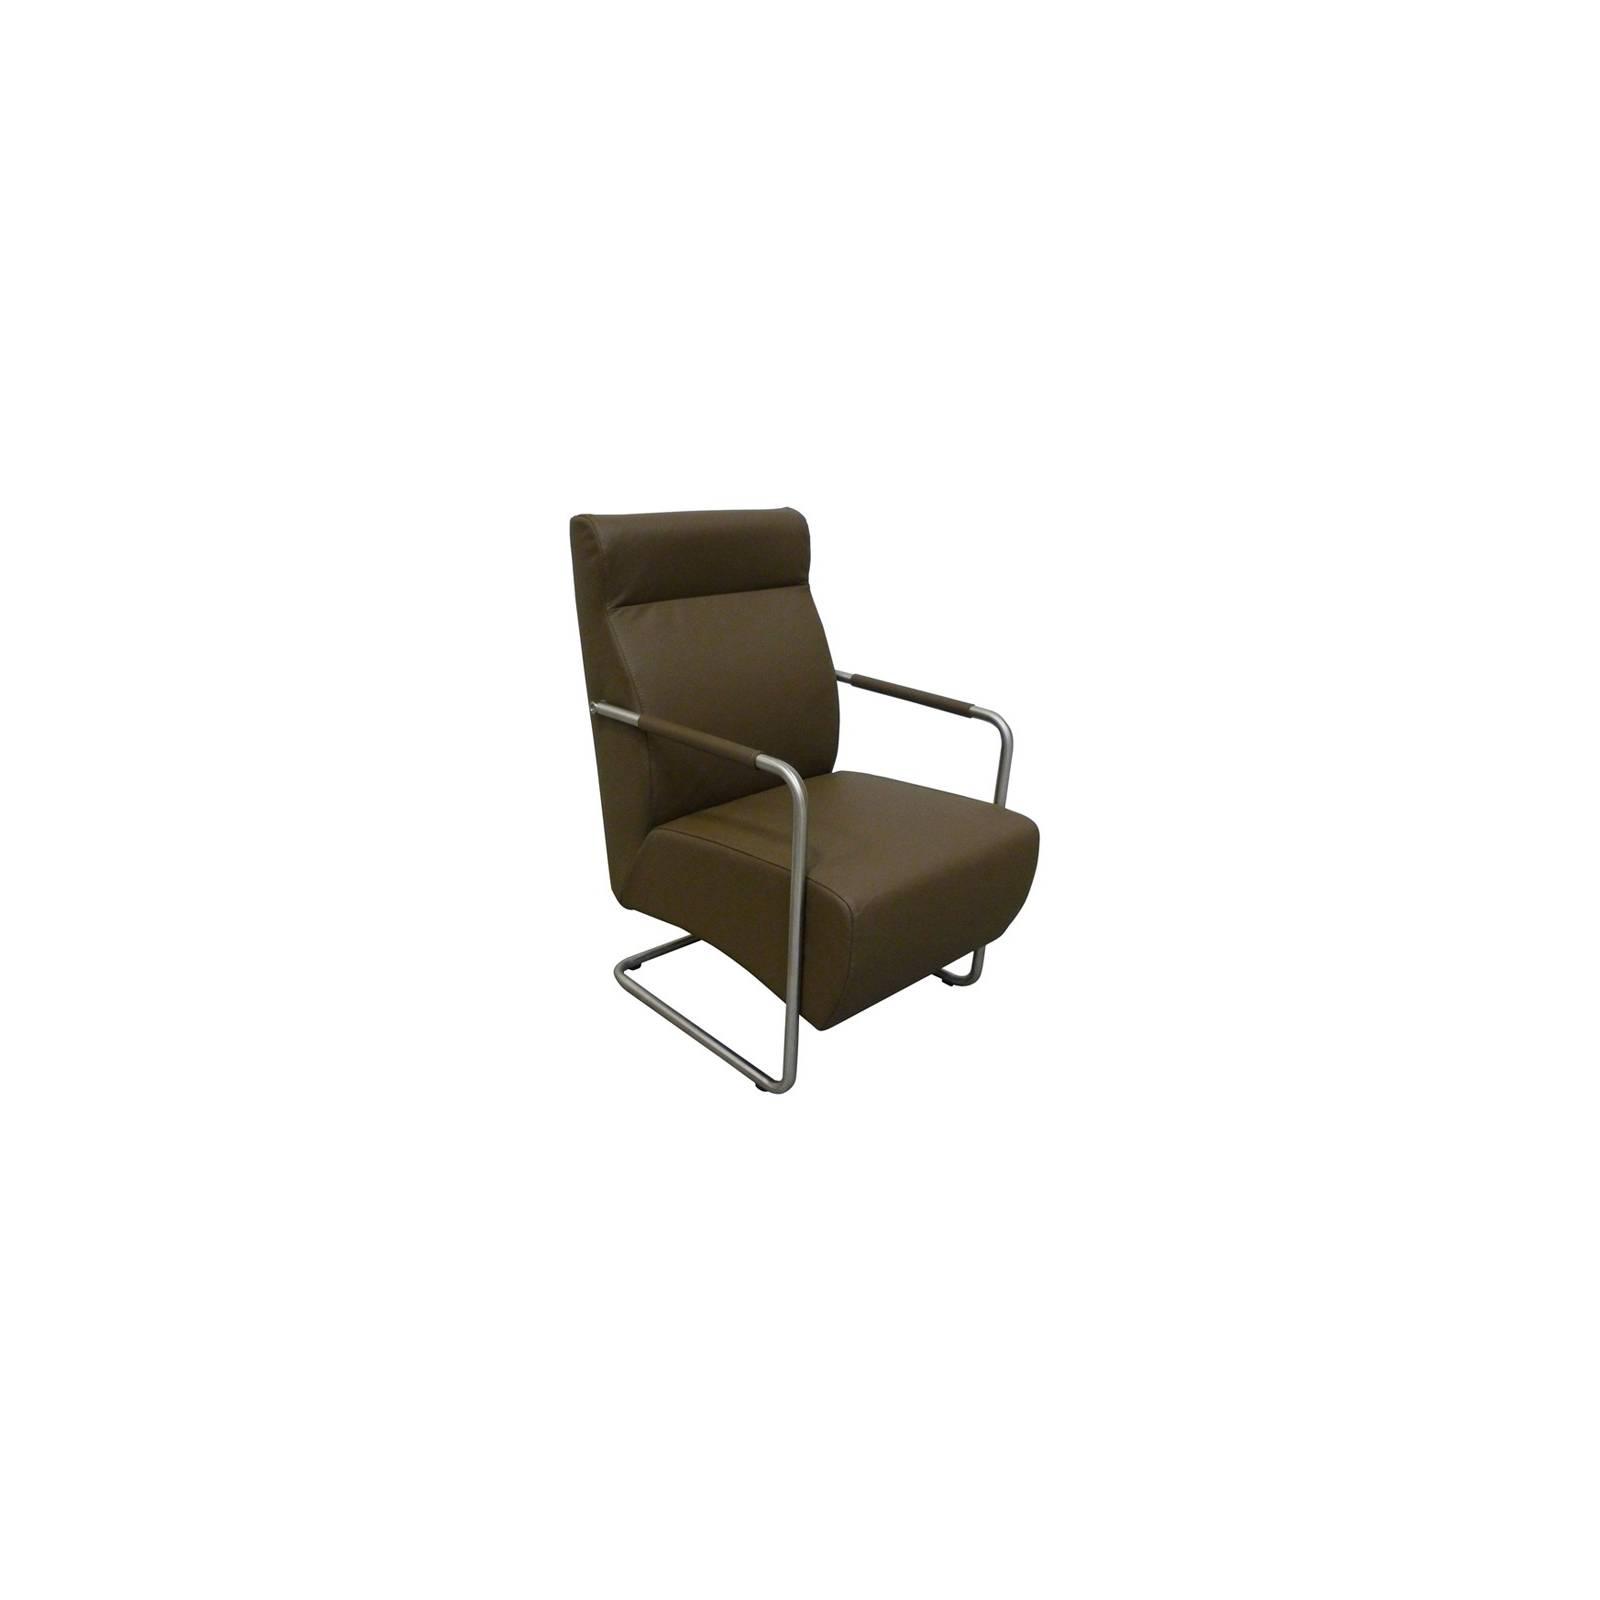 Fauteuil Lounge Berry Cuir - fauteuil rétro